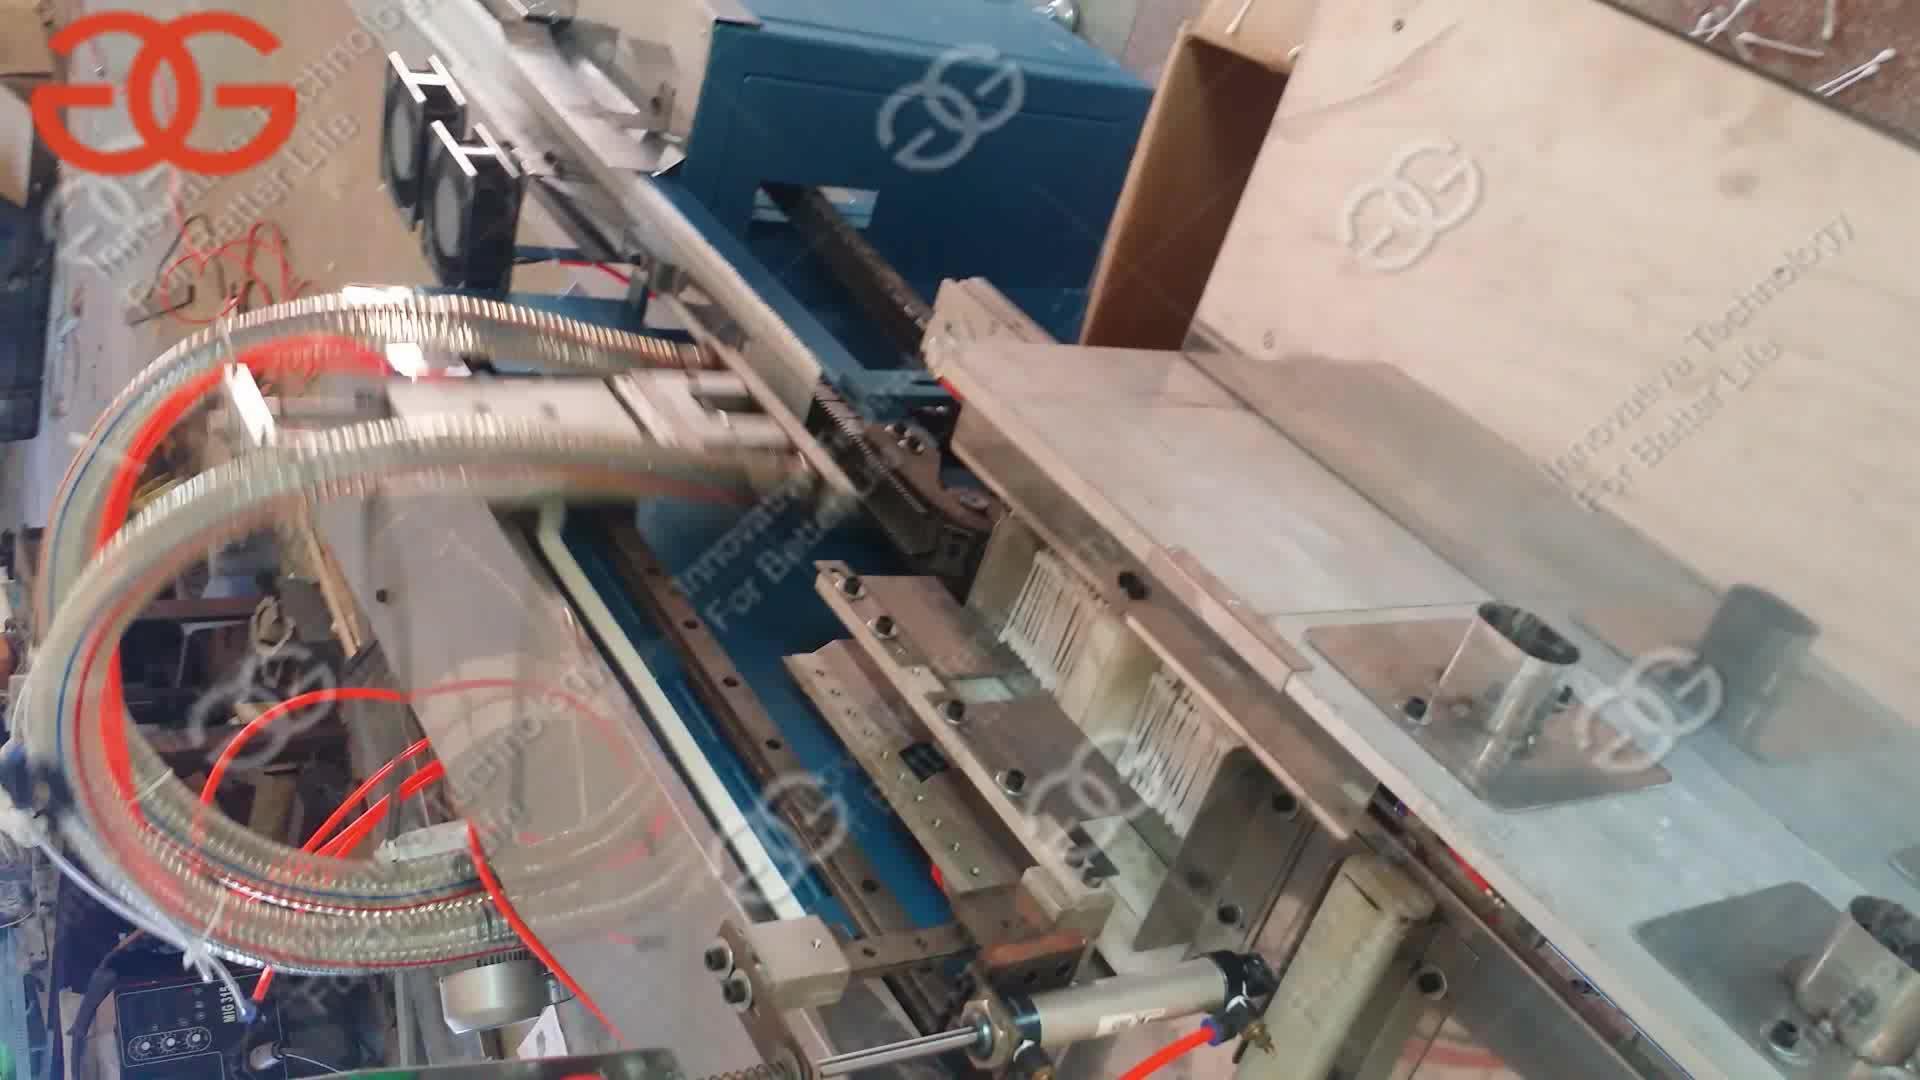 โรงงานขายร้อนราคาเครื่องดื่มแอลกอฮอล์ฝ้าย Swabs เครื่องแอลกอฮอล์เครื่องสำลีเครื่องสำอาง